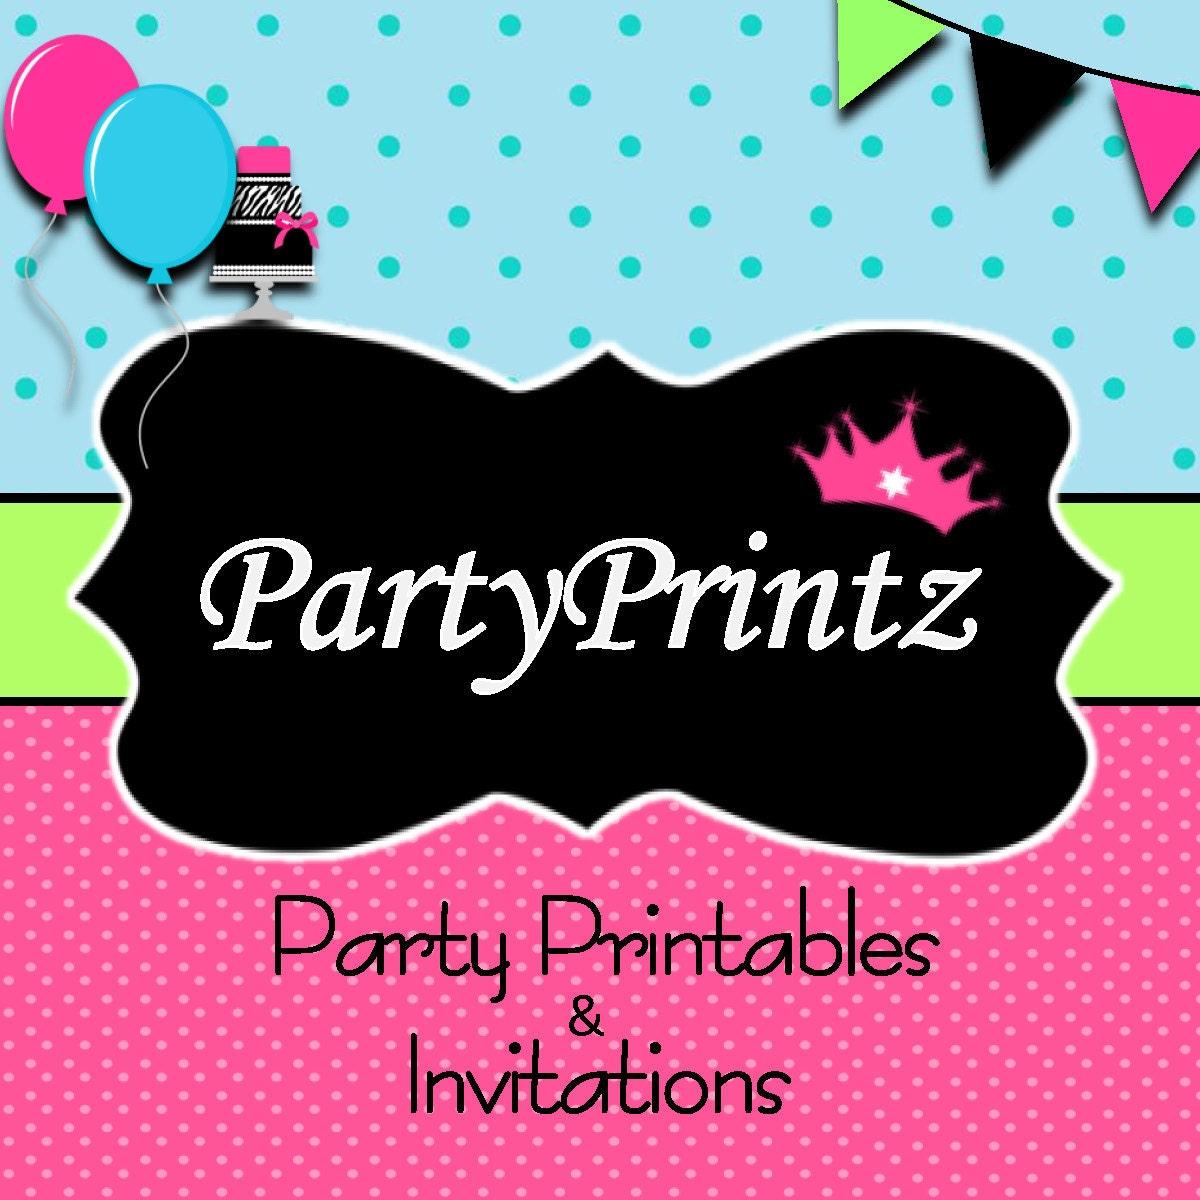 PartyPrintz